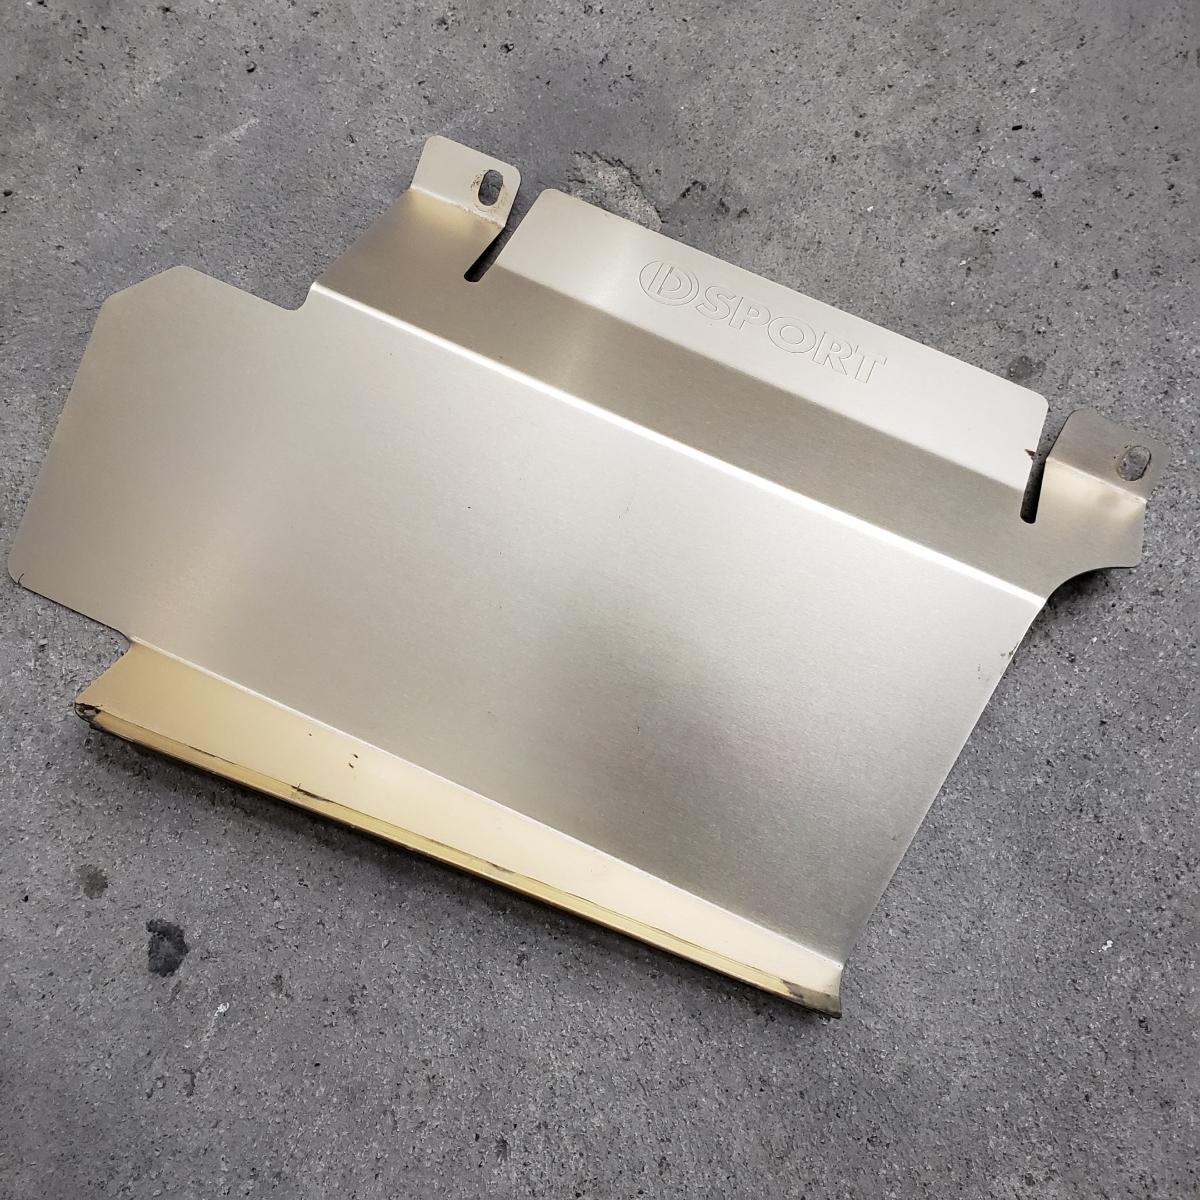 【D SPORT】ラジエタークーリングパネル コペン L880K 美品 刻印入り 激安 売り切り!